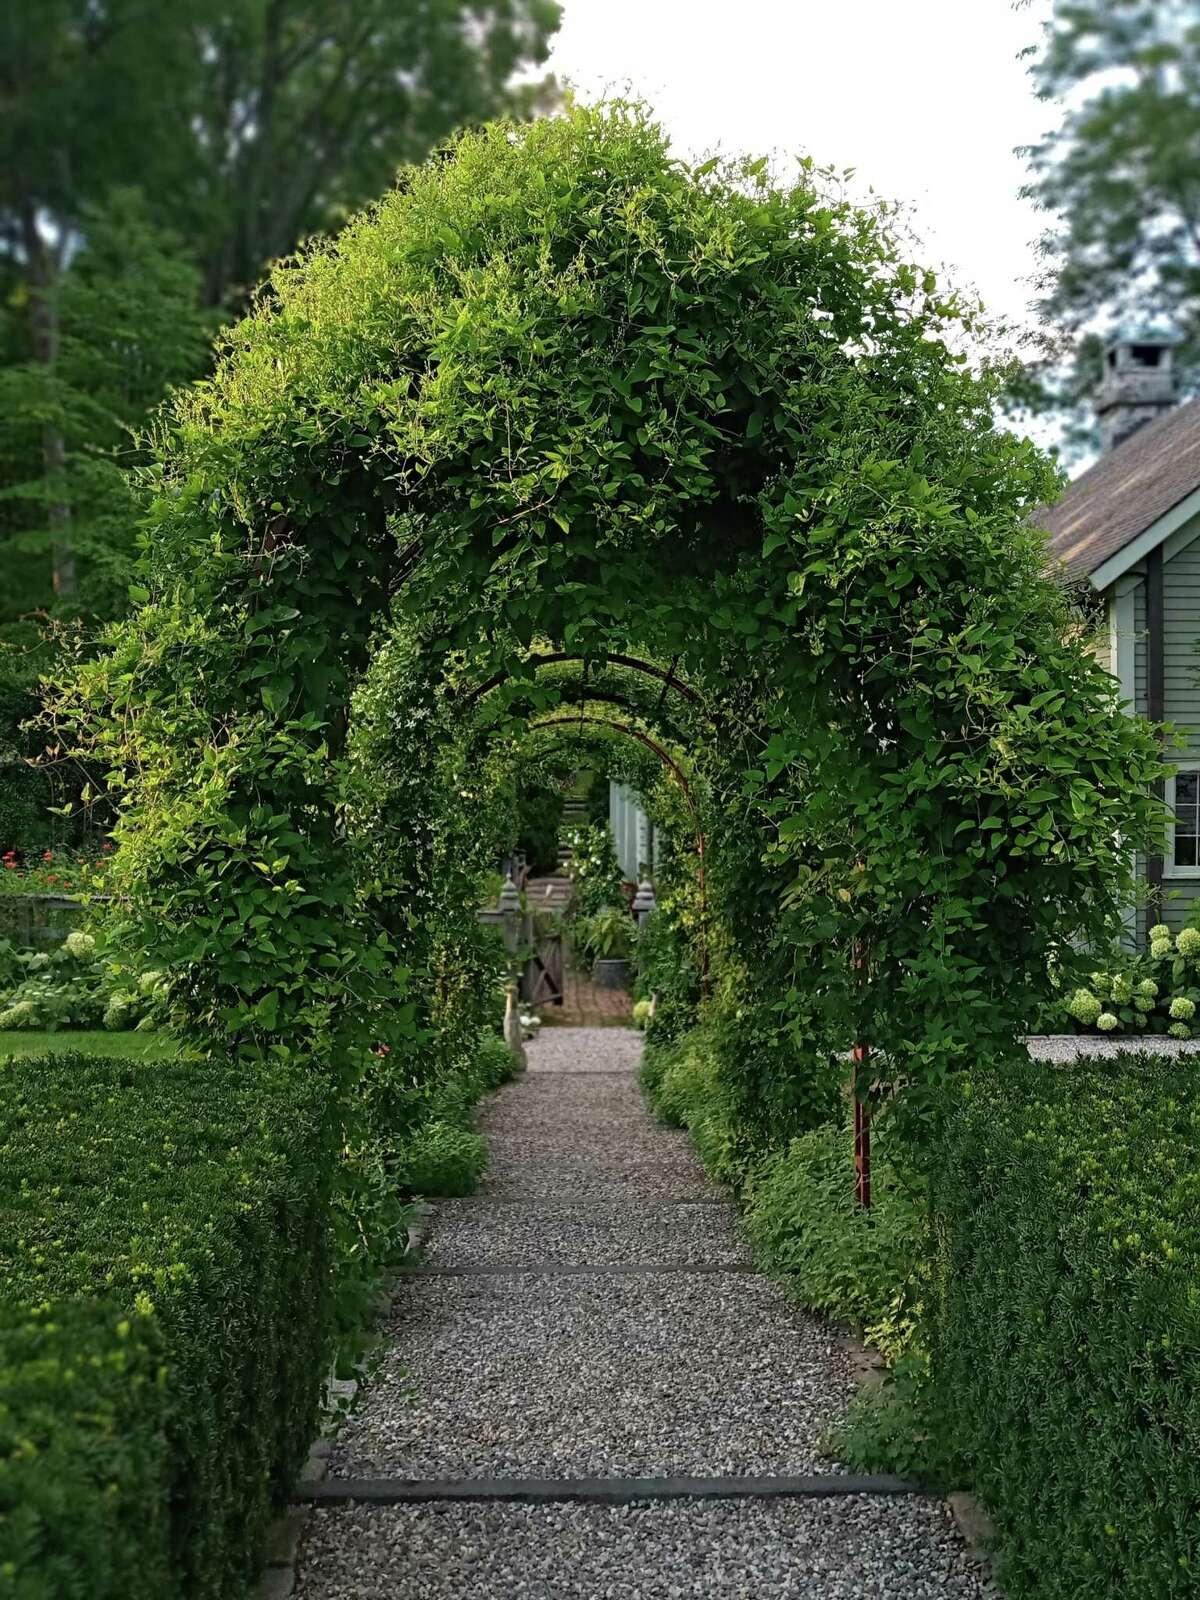 Scene from garden.